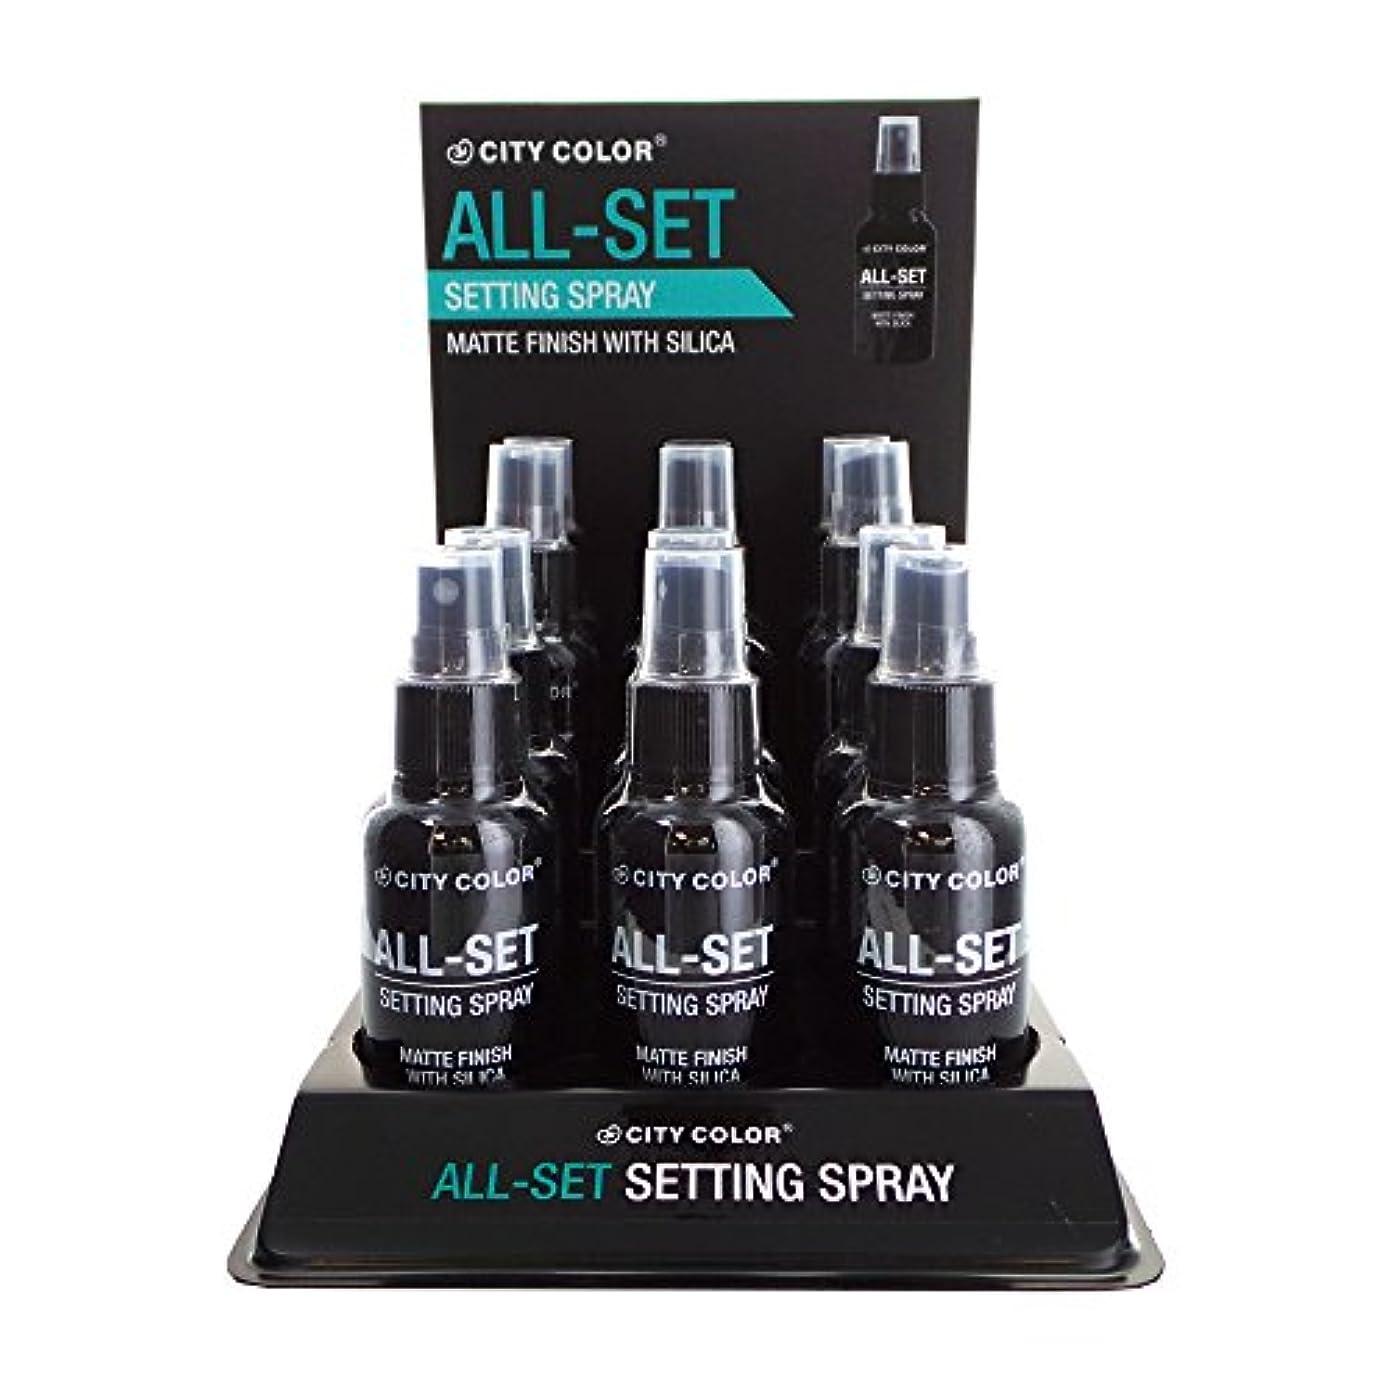 挨拶する永遠に委任するCITY COLOR All-Set Setting Spray Display Set, 12 Pieces (並行輸入品)